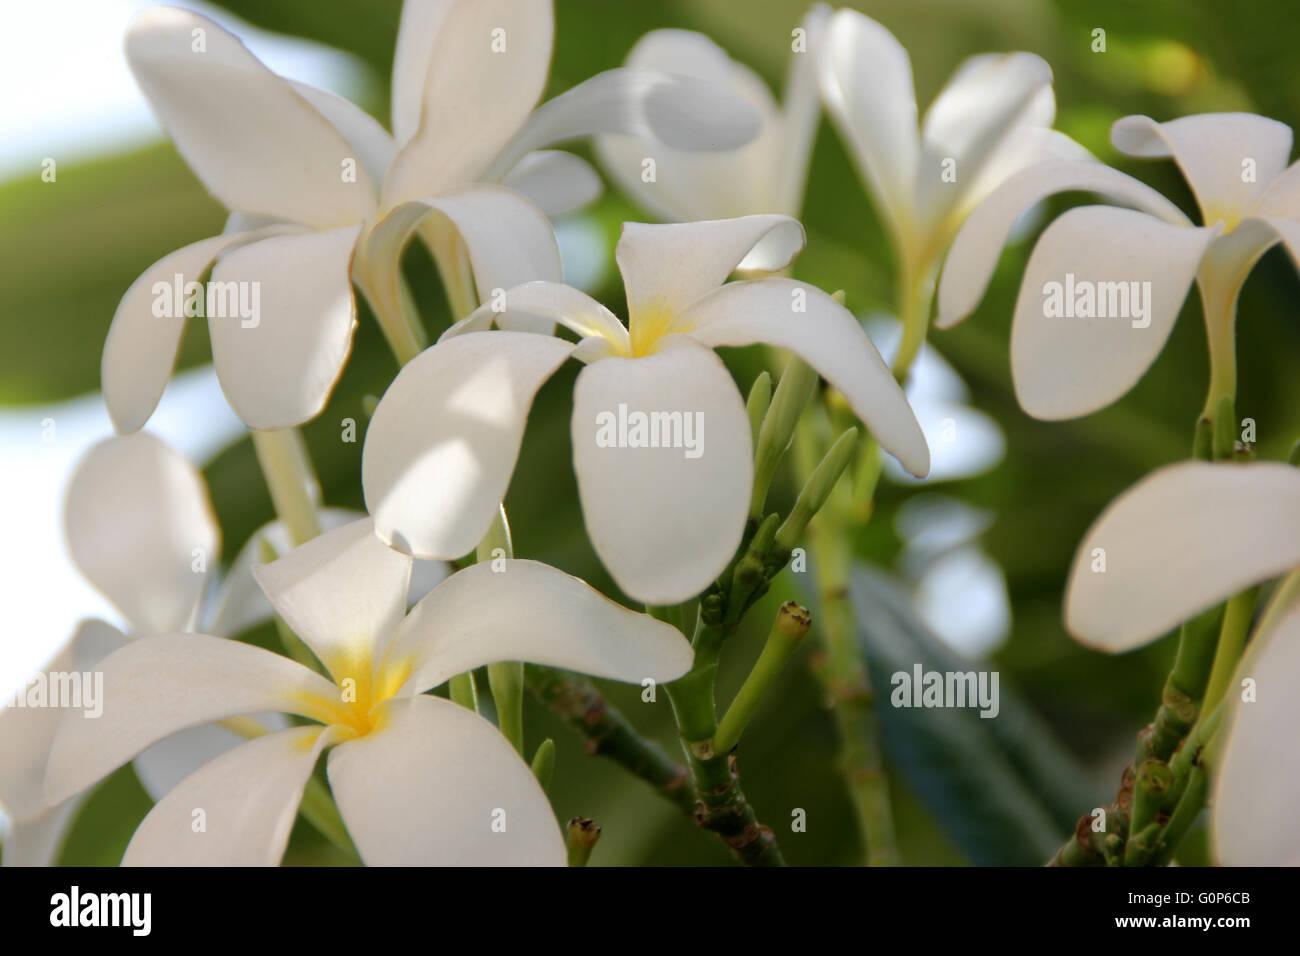 Plumeria Obtusa Stock Photos Plumeria Obtusa Stock Images Alamy